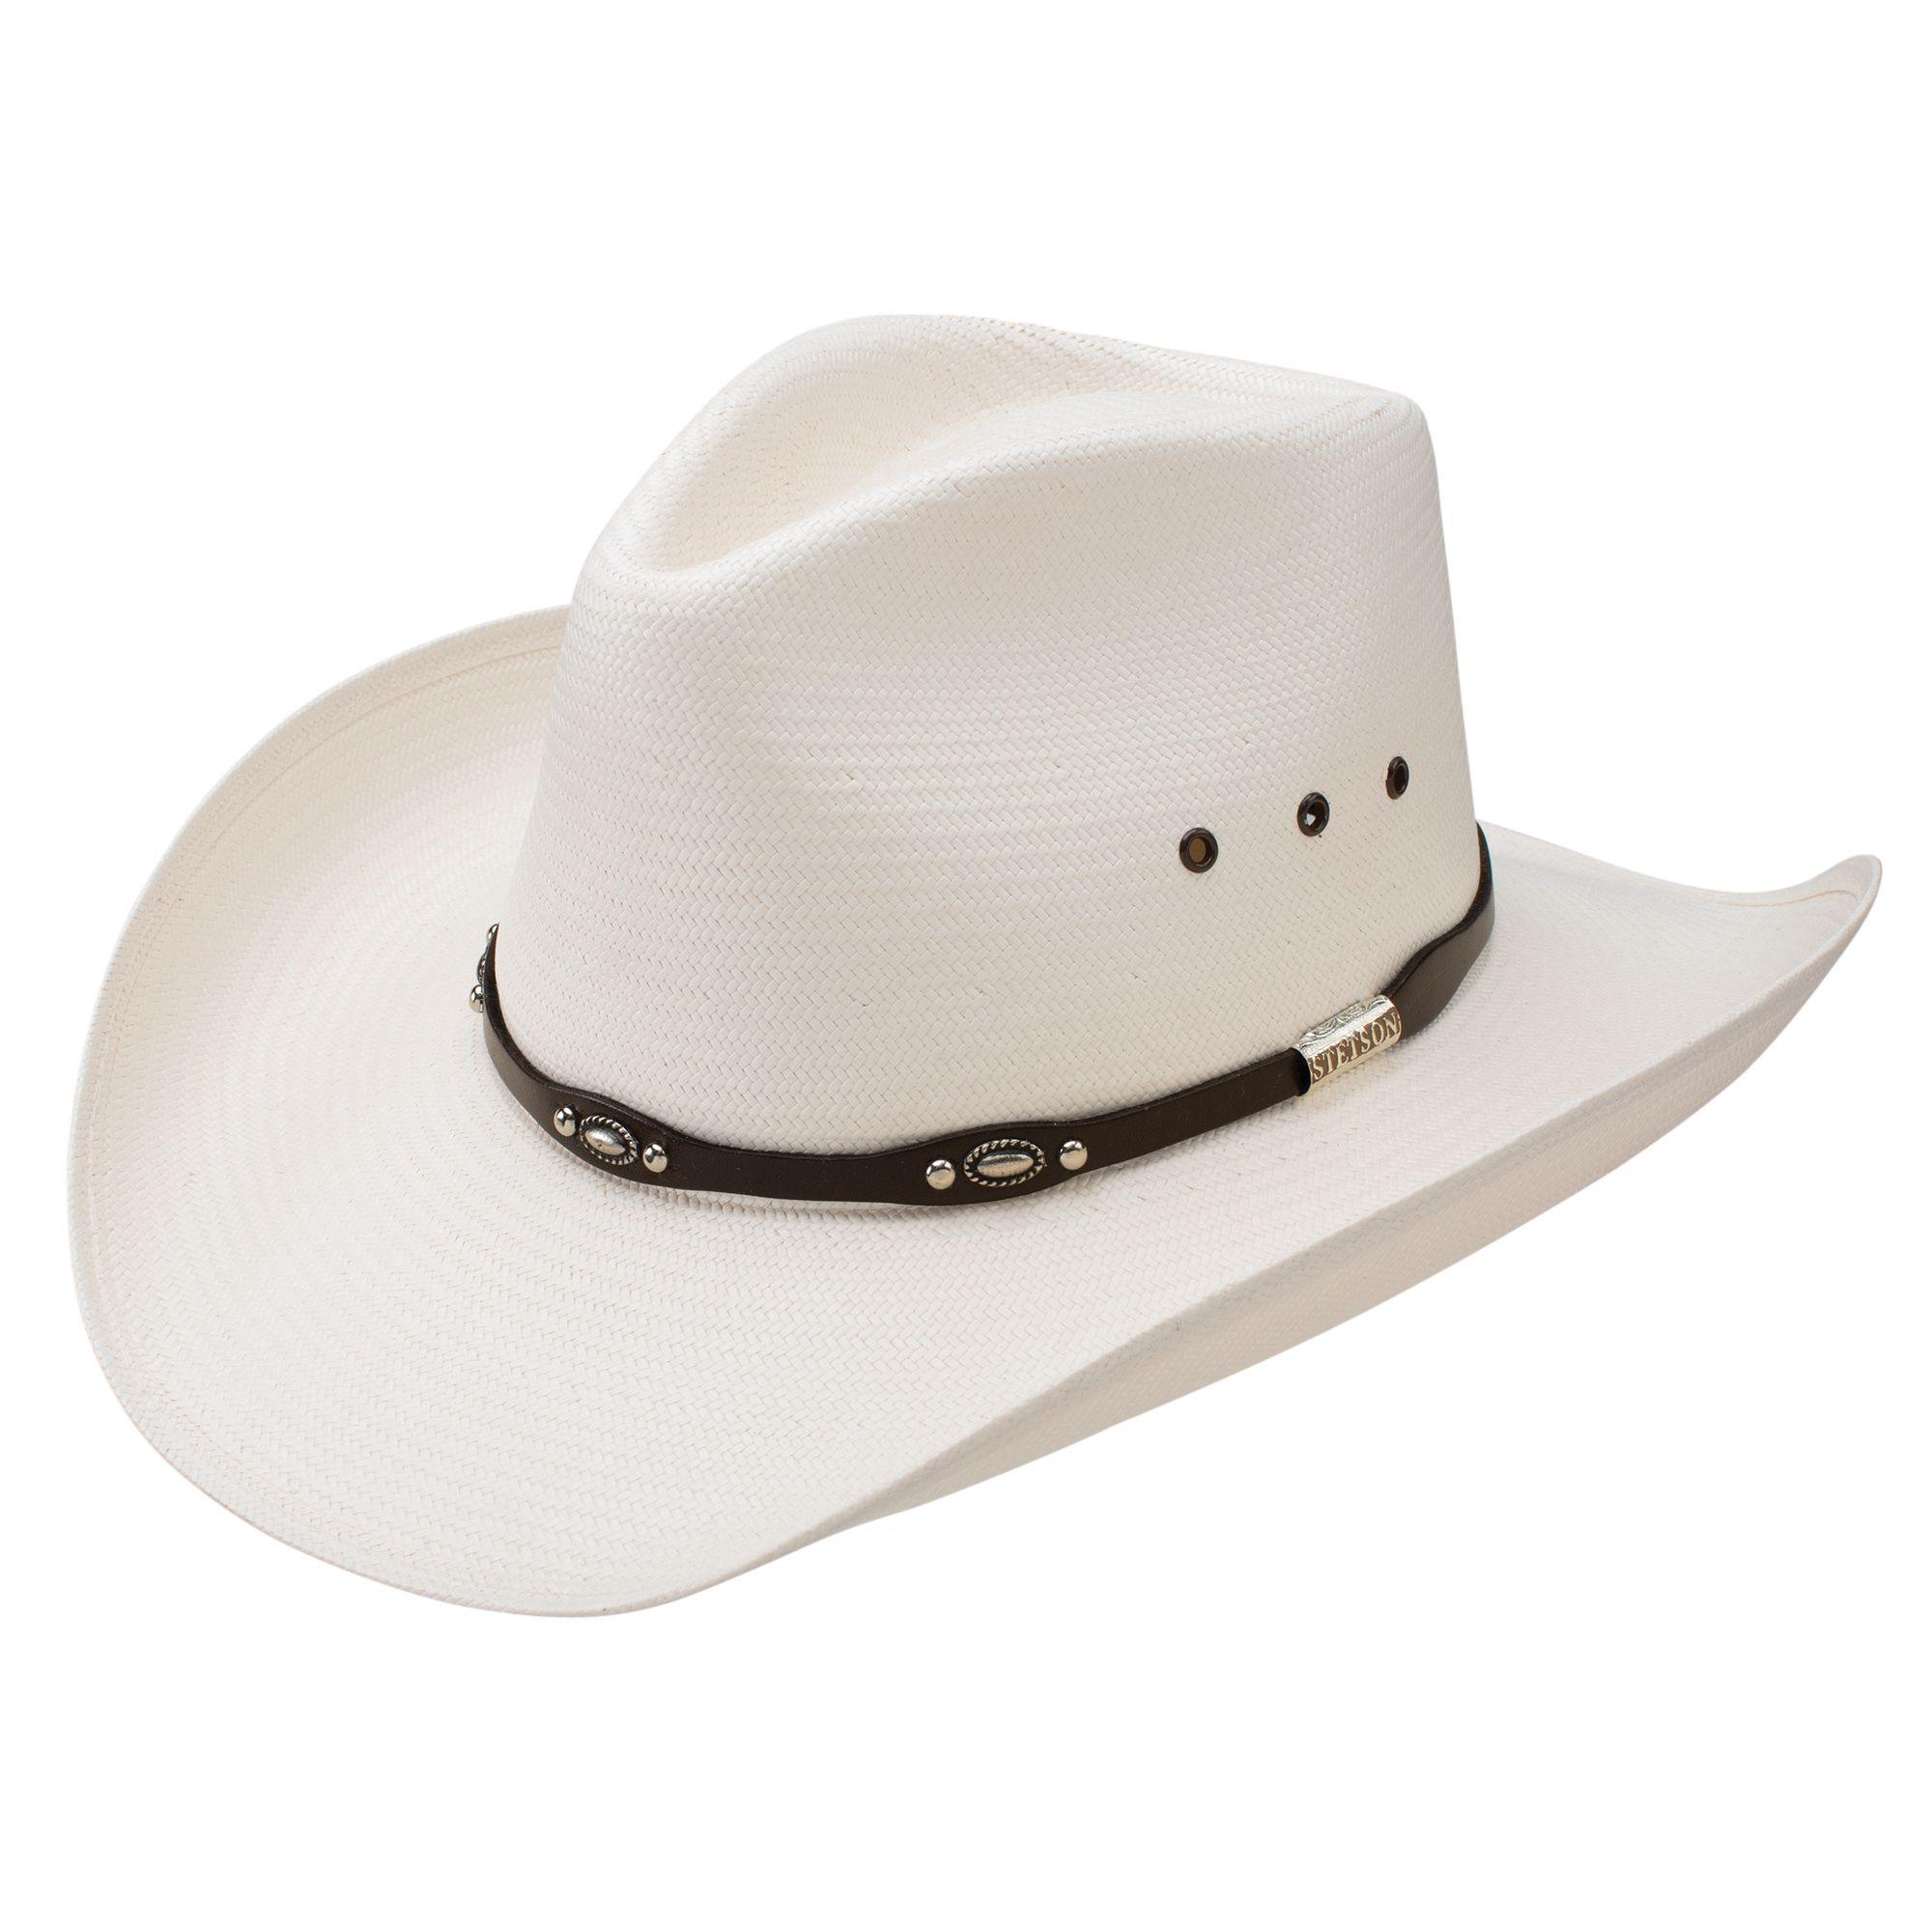 Pin de Luis Gonzalez en sombreros en 2019  1ee9a371cac